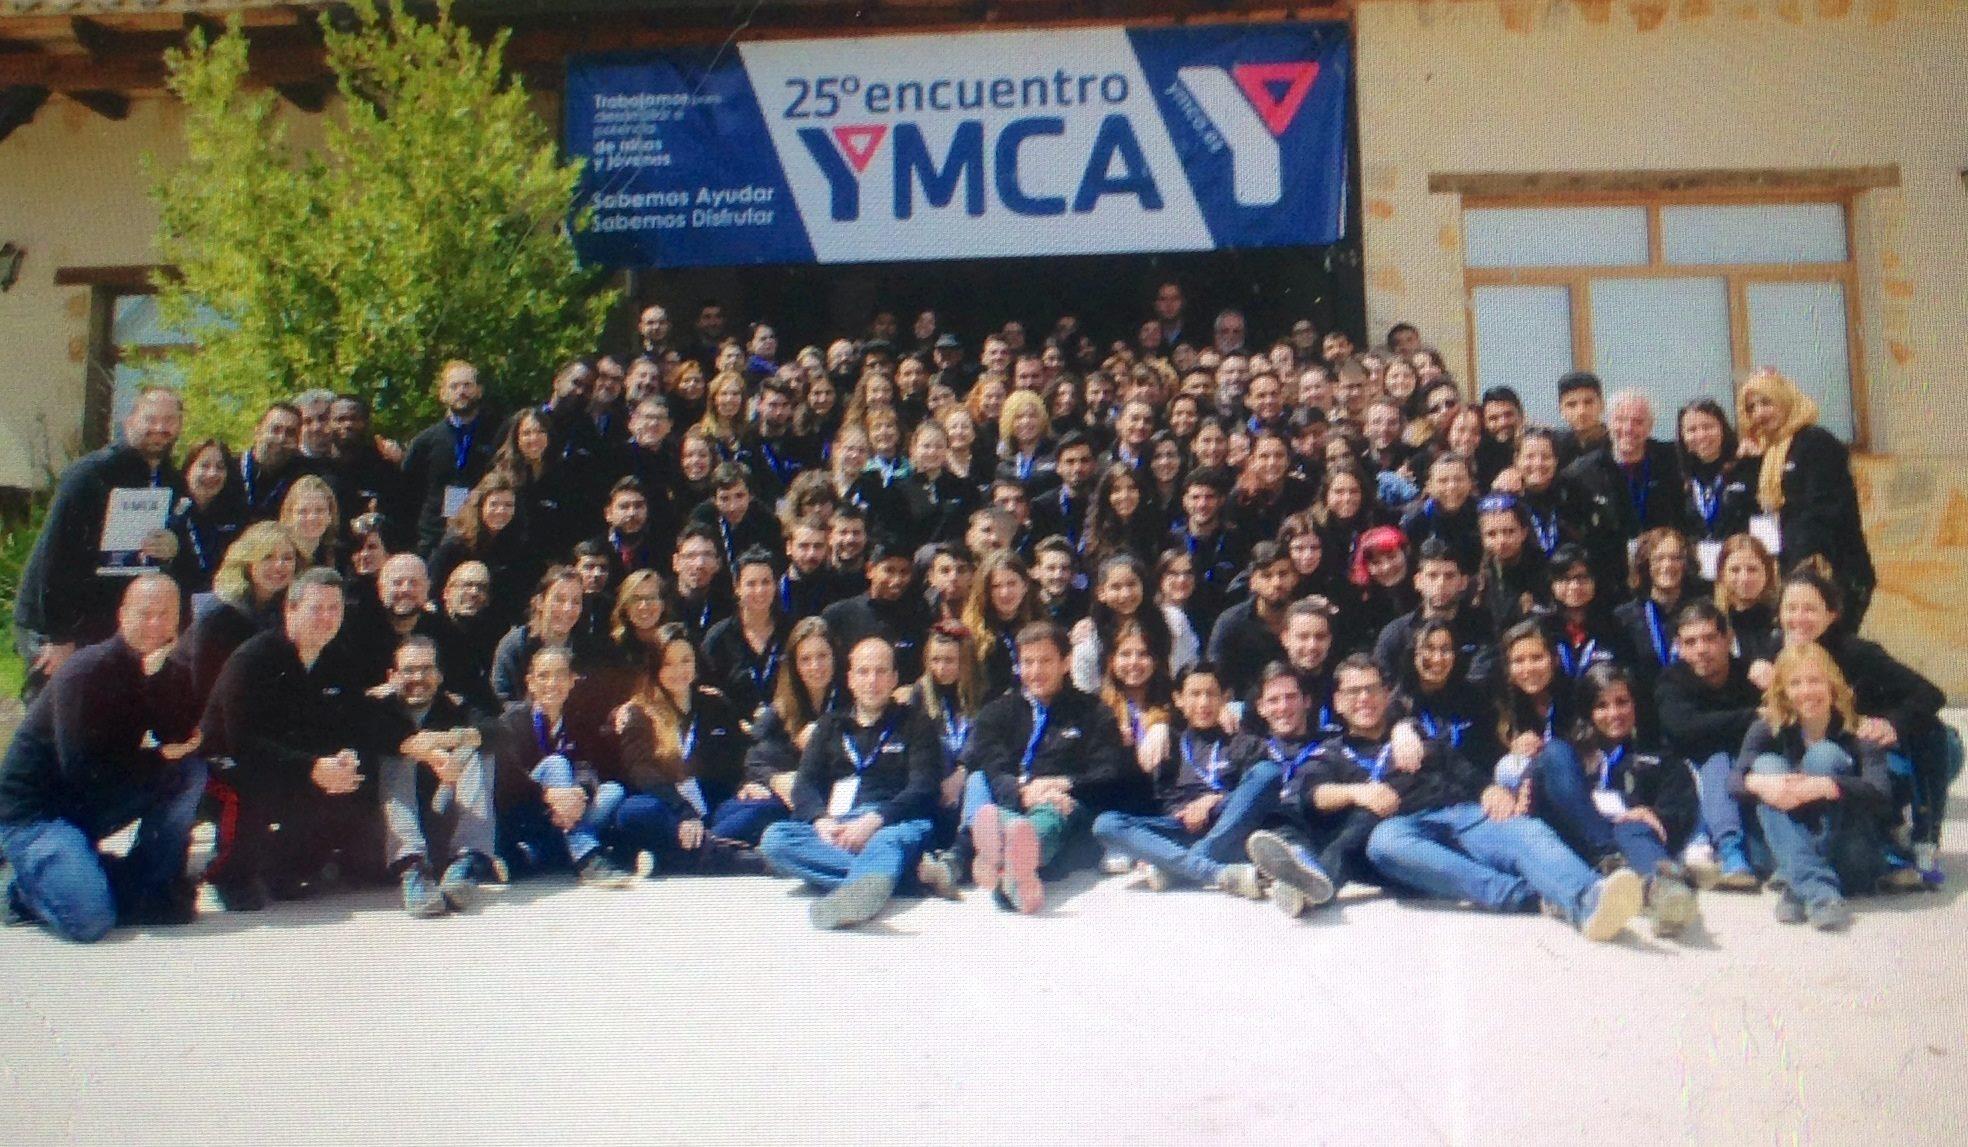 ymca clases a extranjeros voluntariado valencia